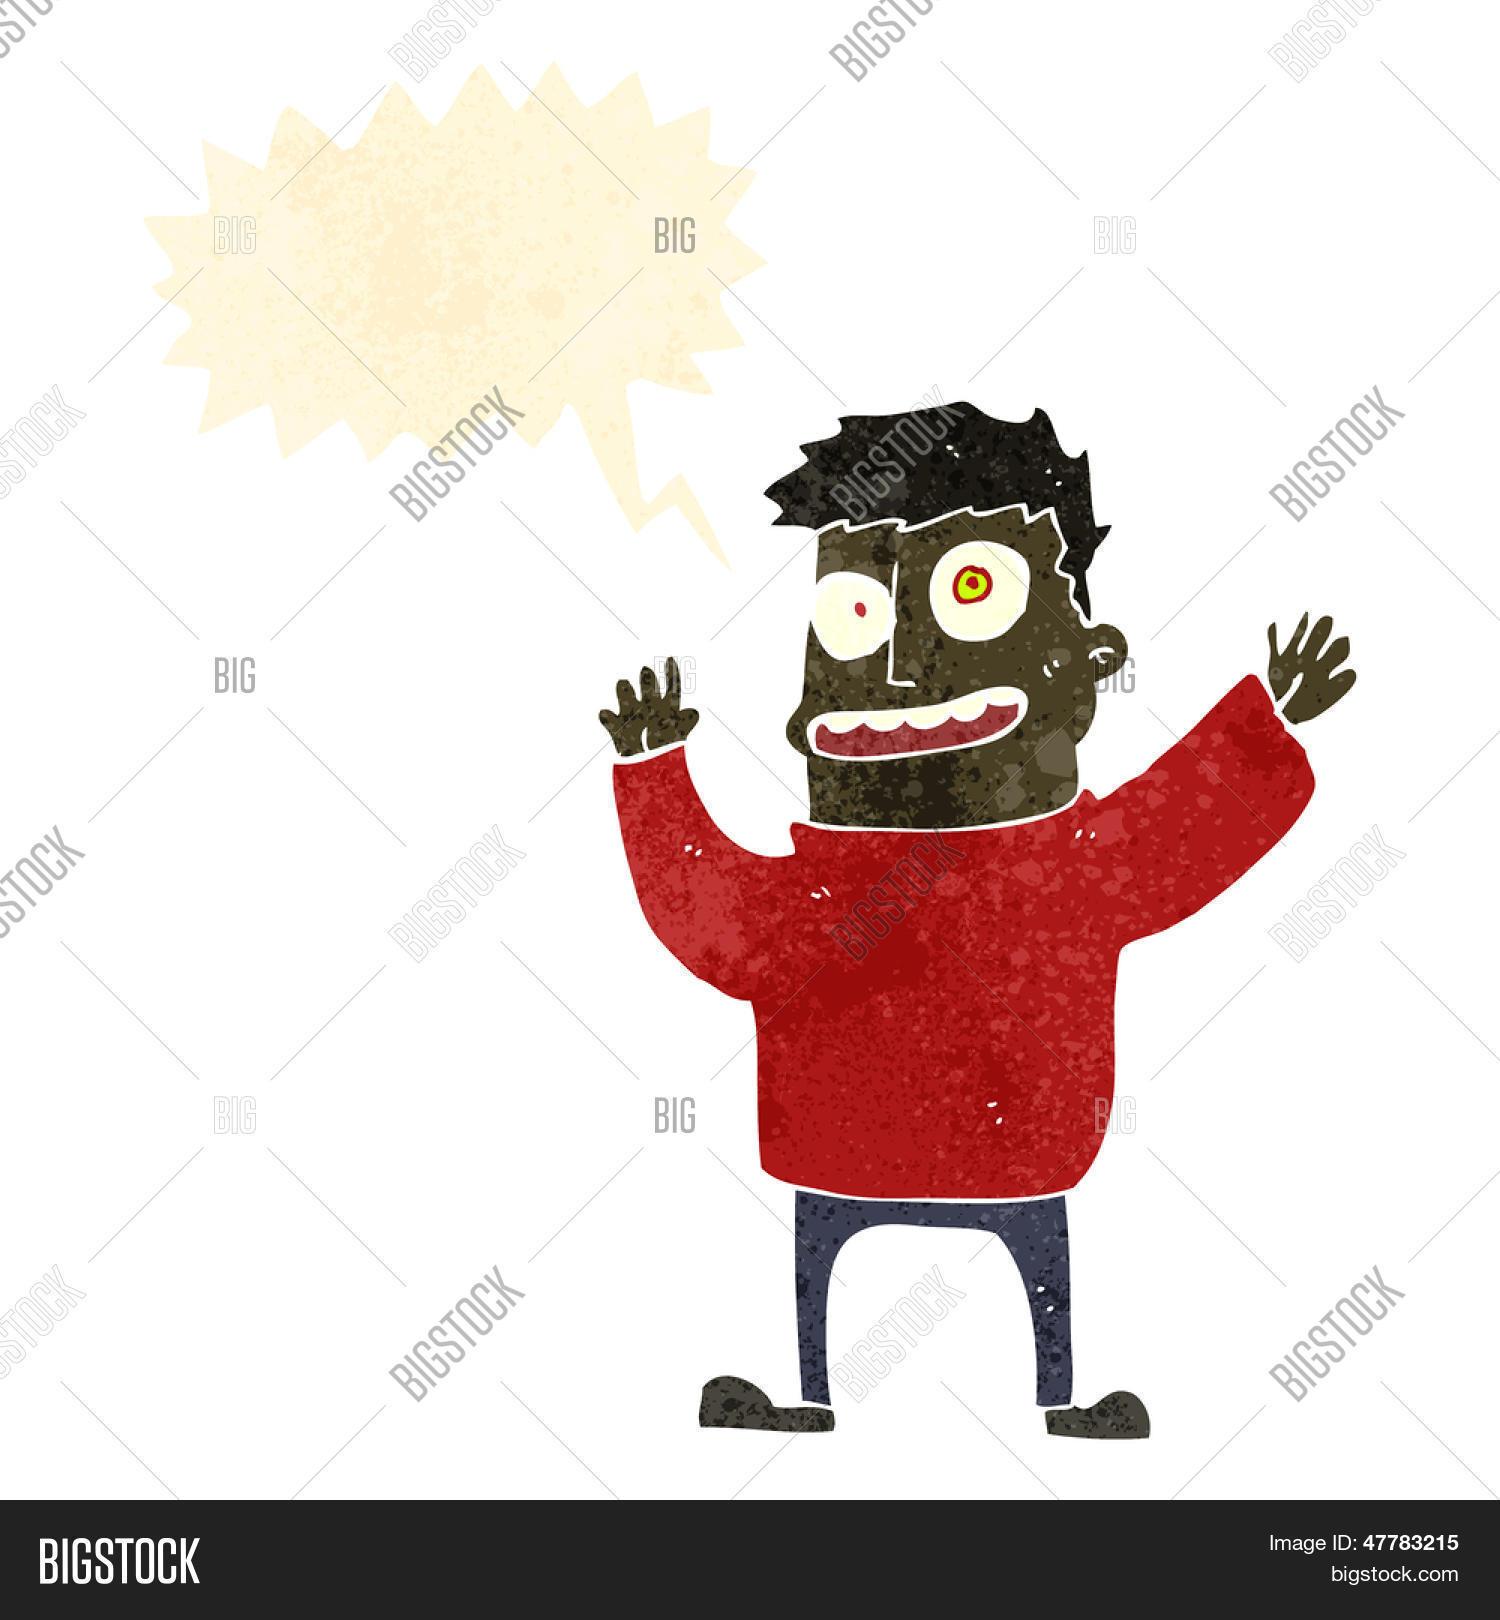 Vectores y fotos en stock de hombre loco dibujos animados retro